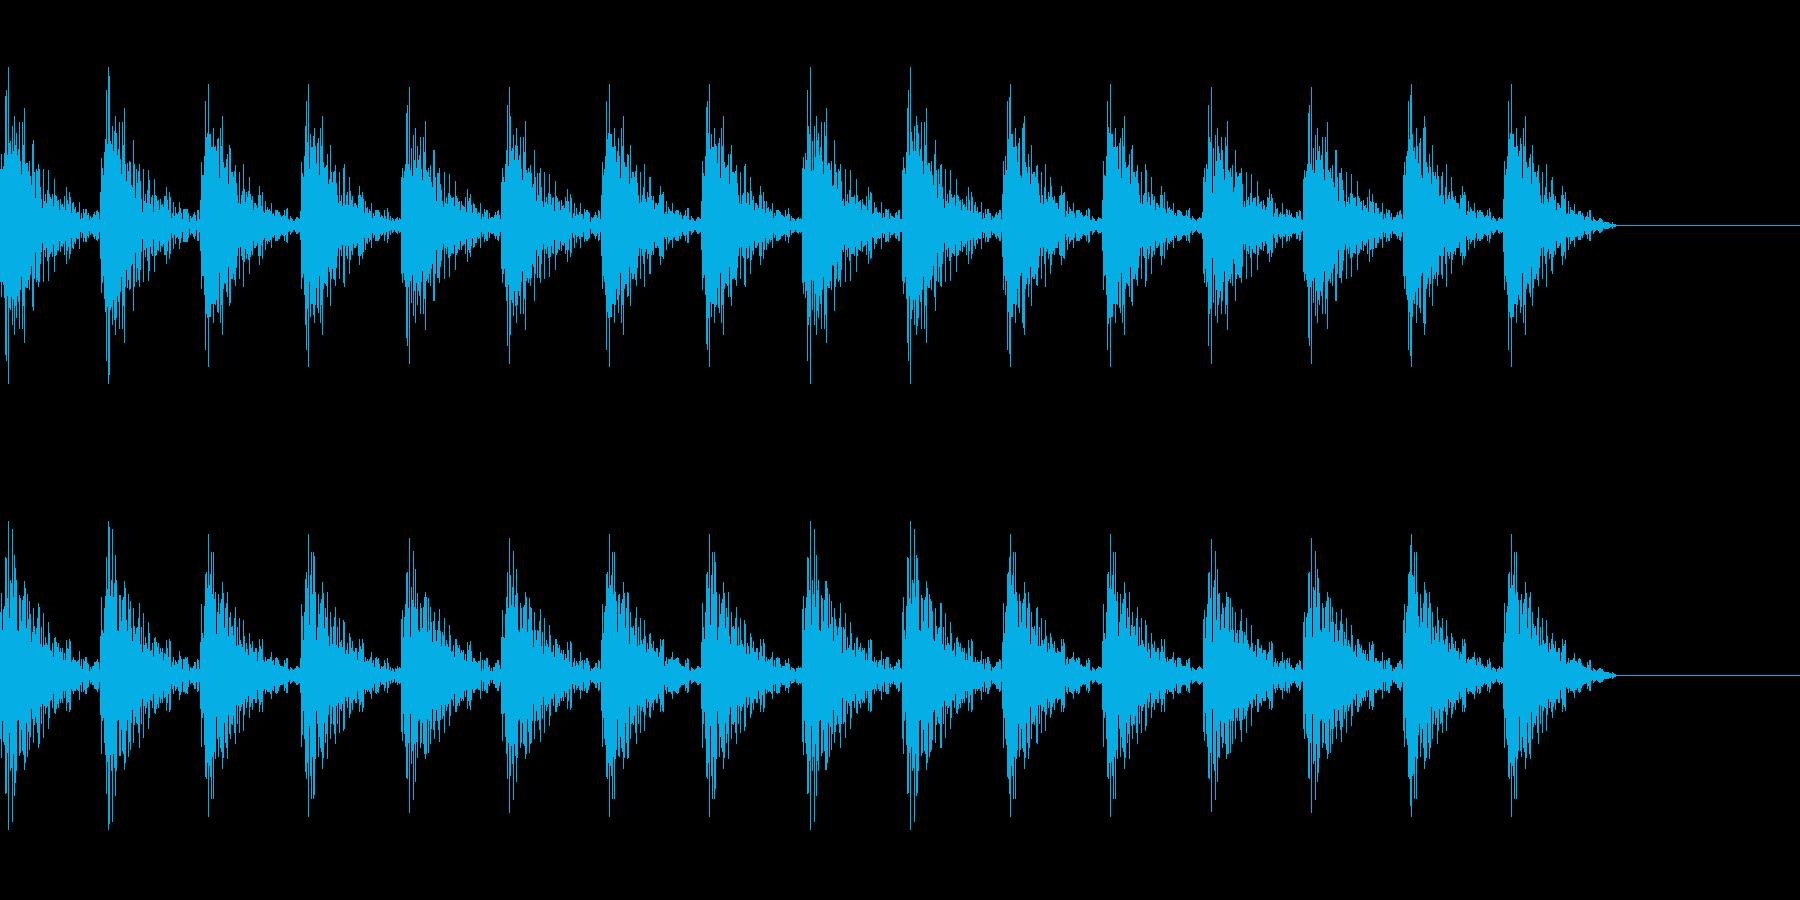 どんどん(巨人、速歩き)A15の再生済みの波形